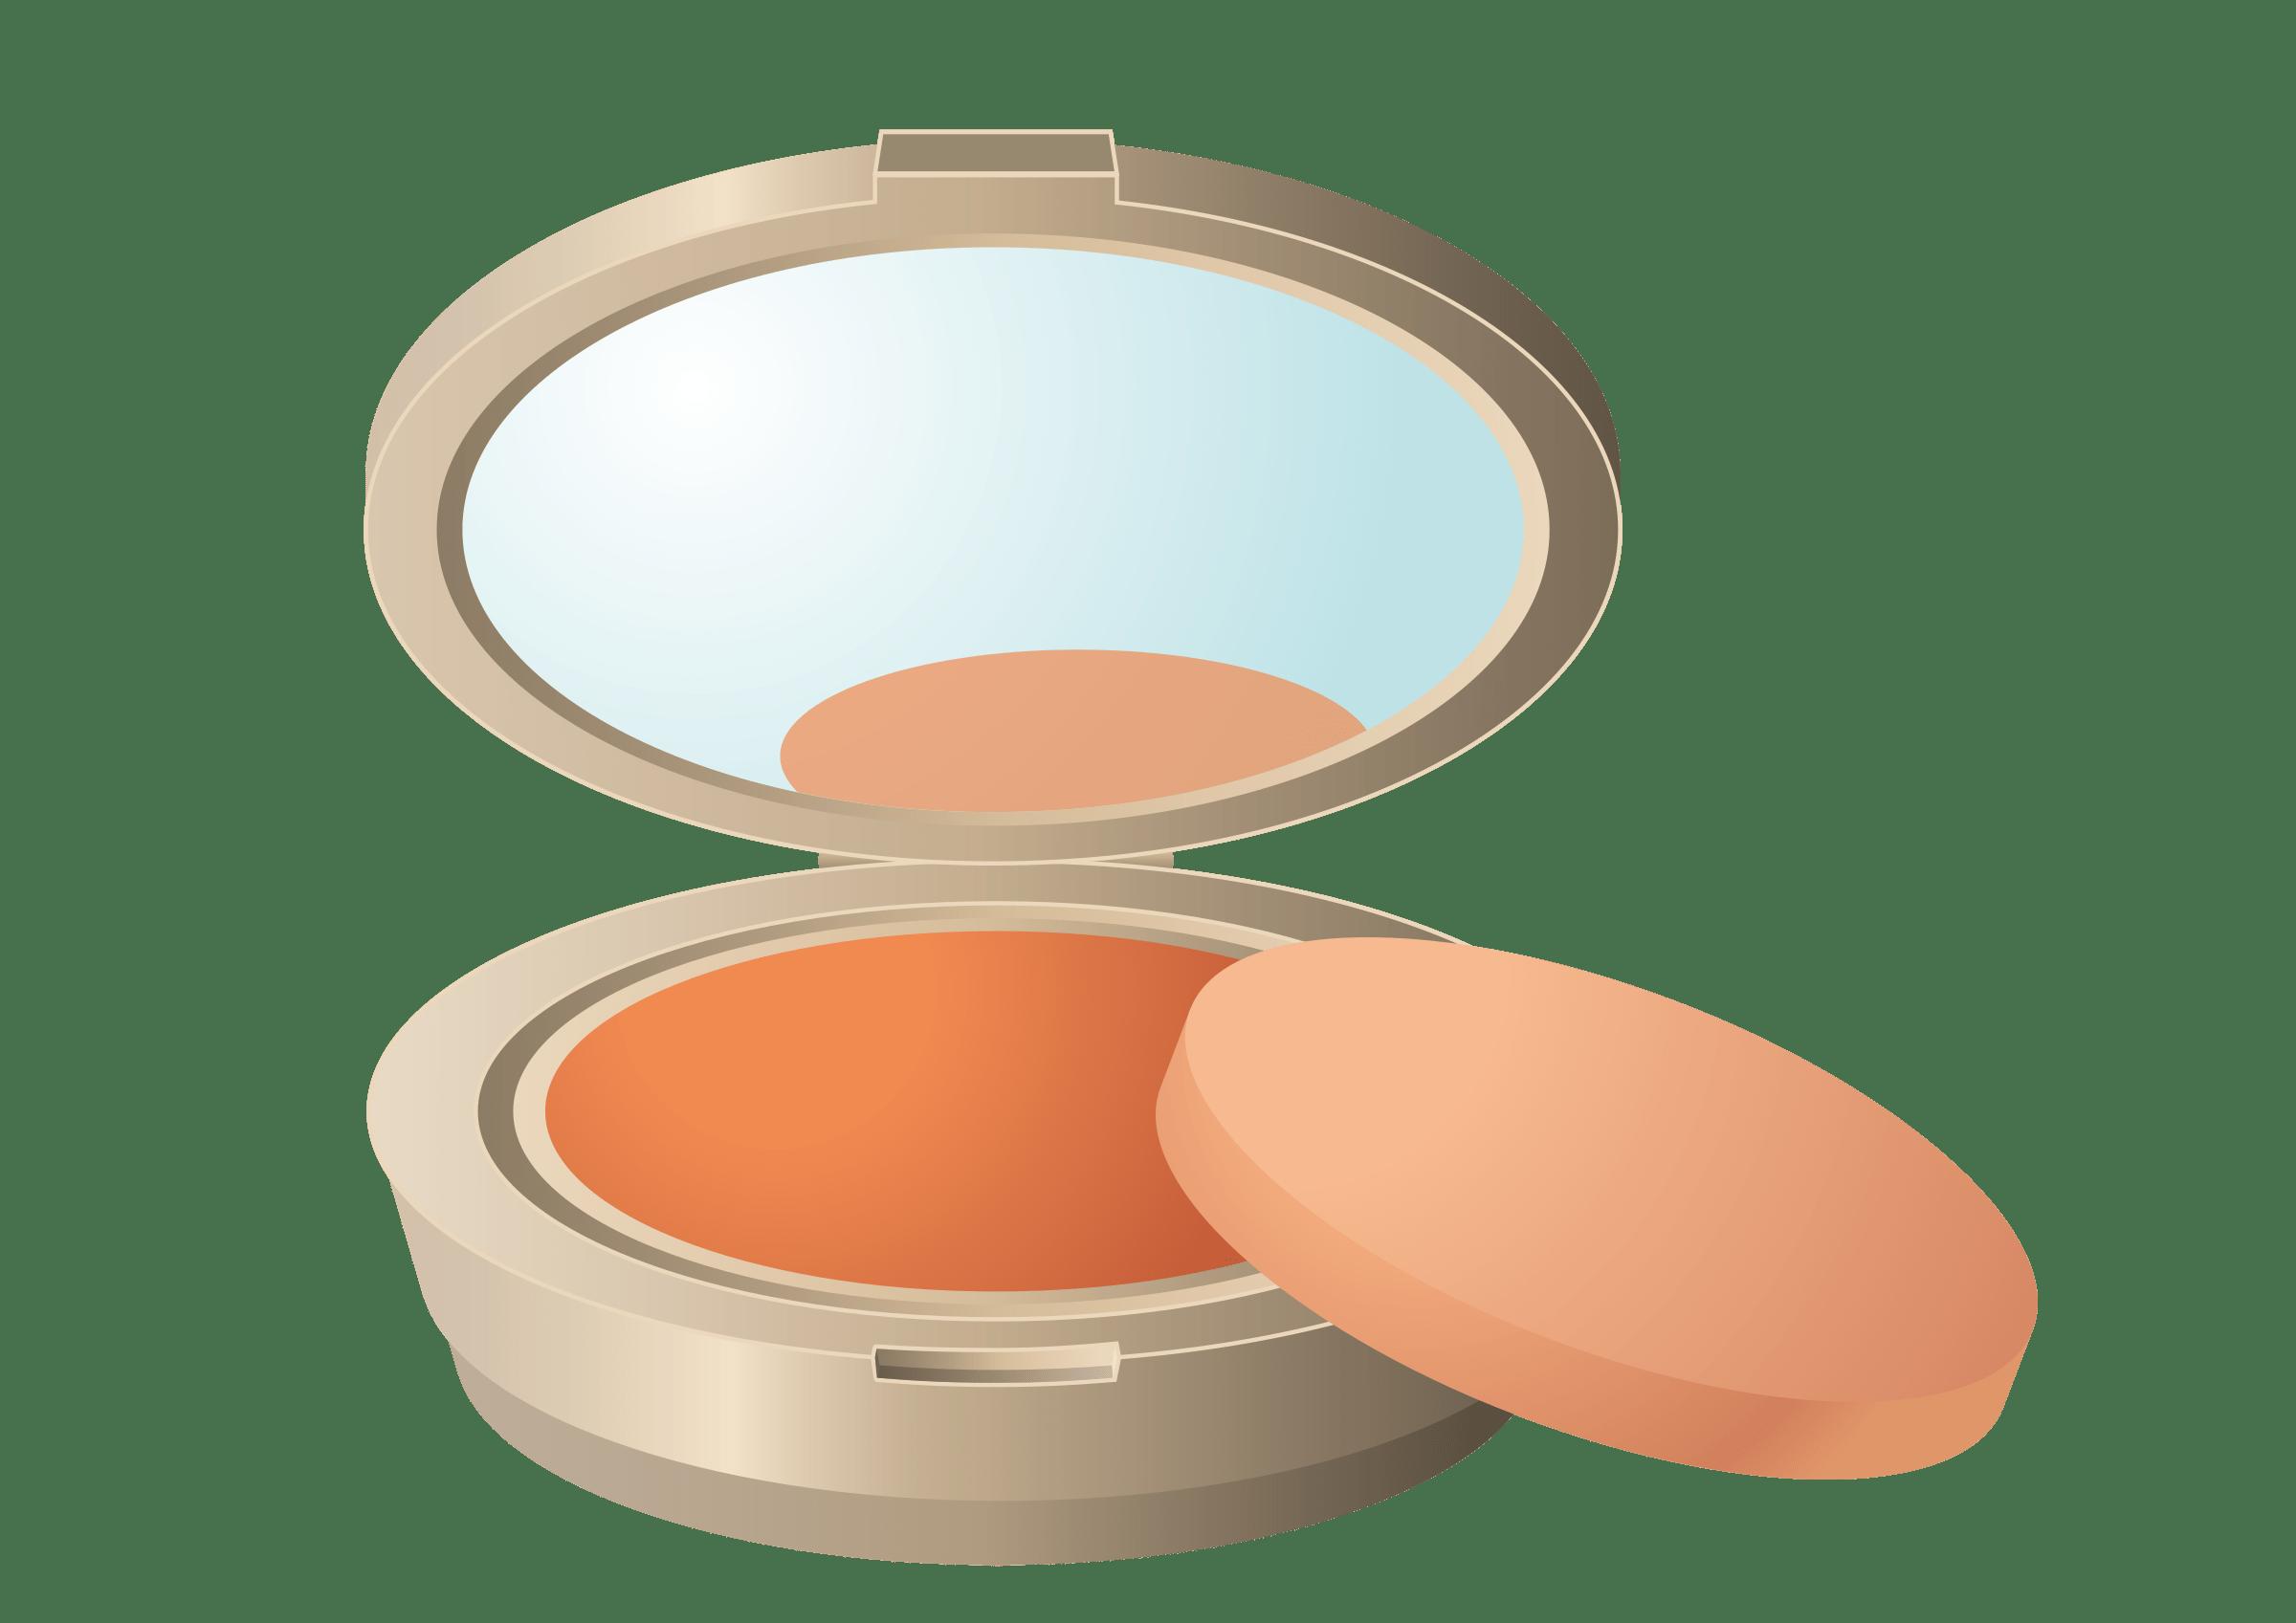 Makeup transparent png stickpng. Mirror clipart large